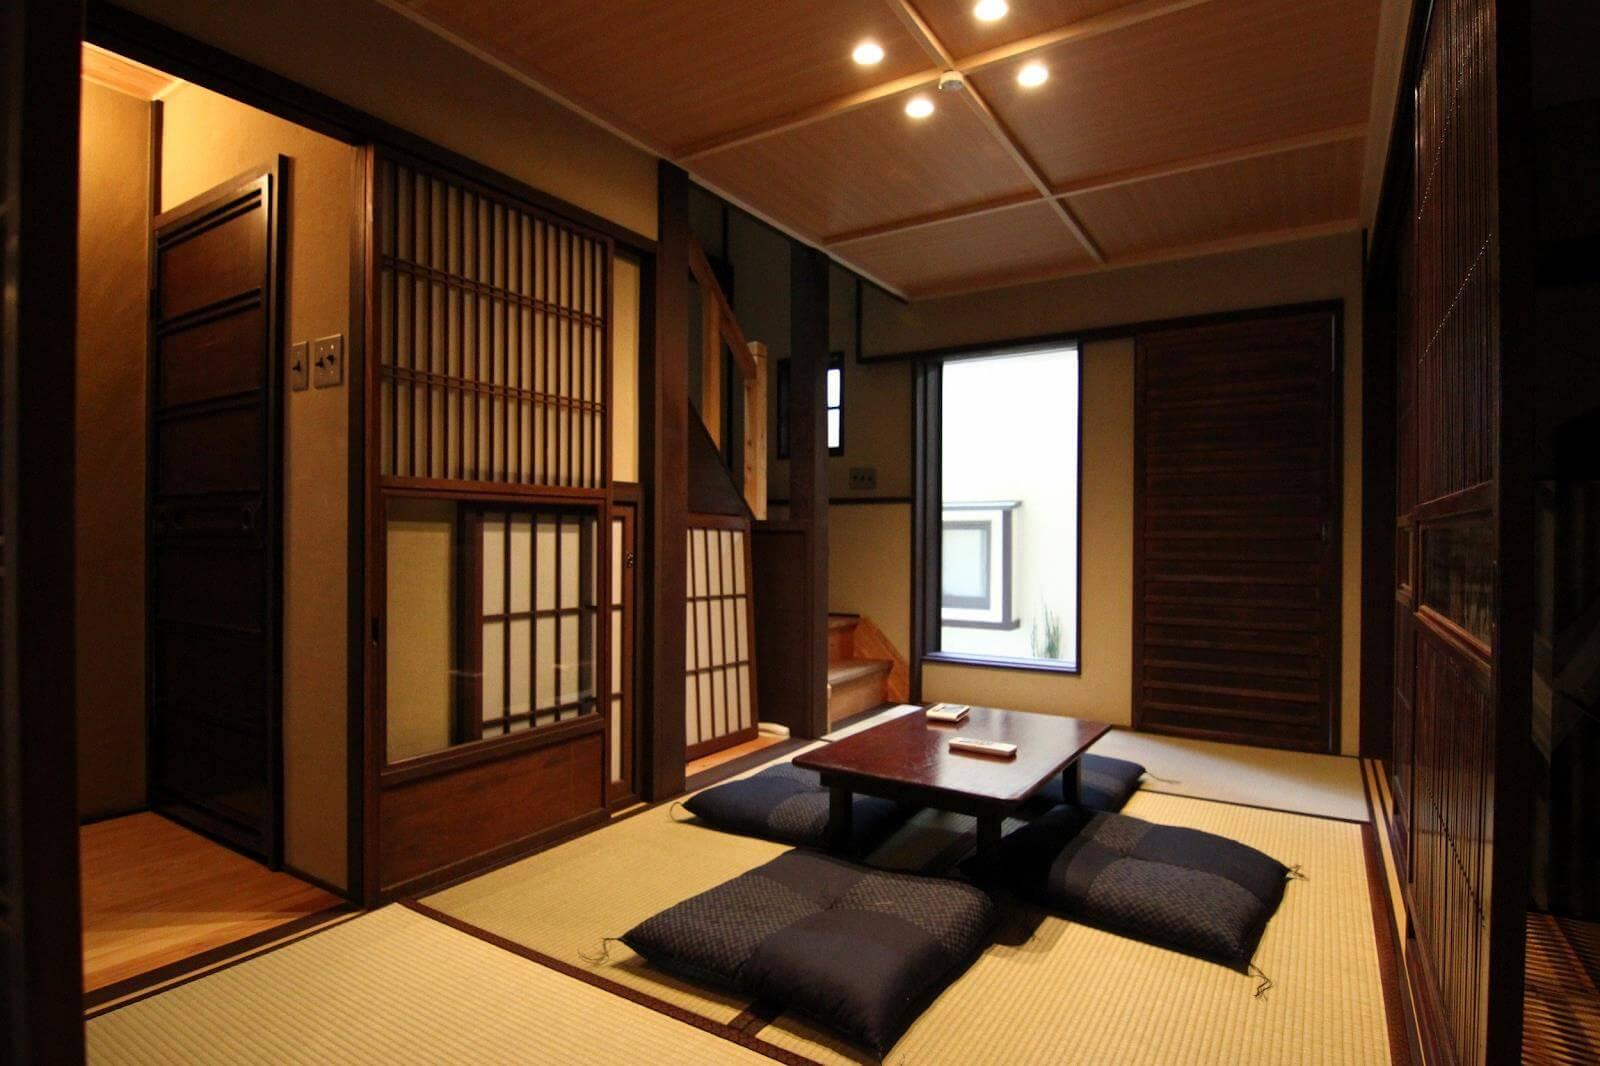 thi công nội thất phong cách Nhật Bản chuyên nghiệp